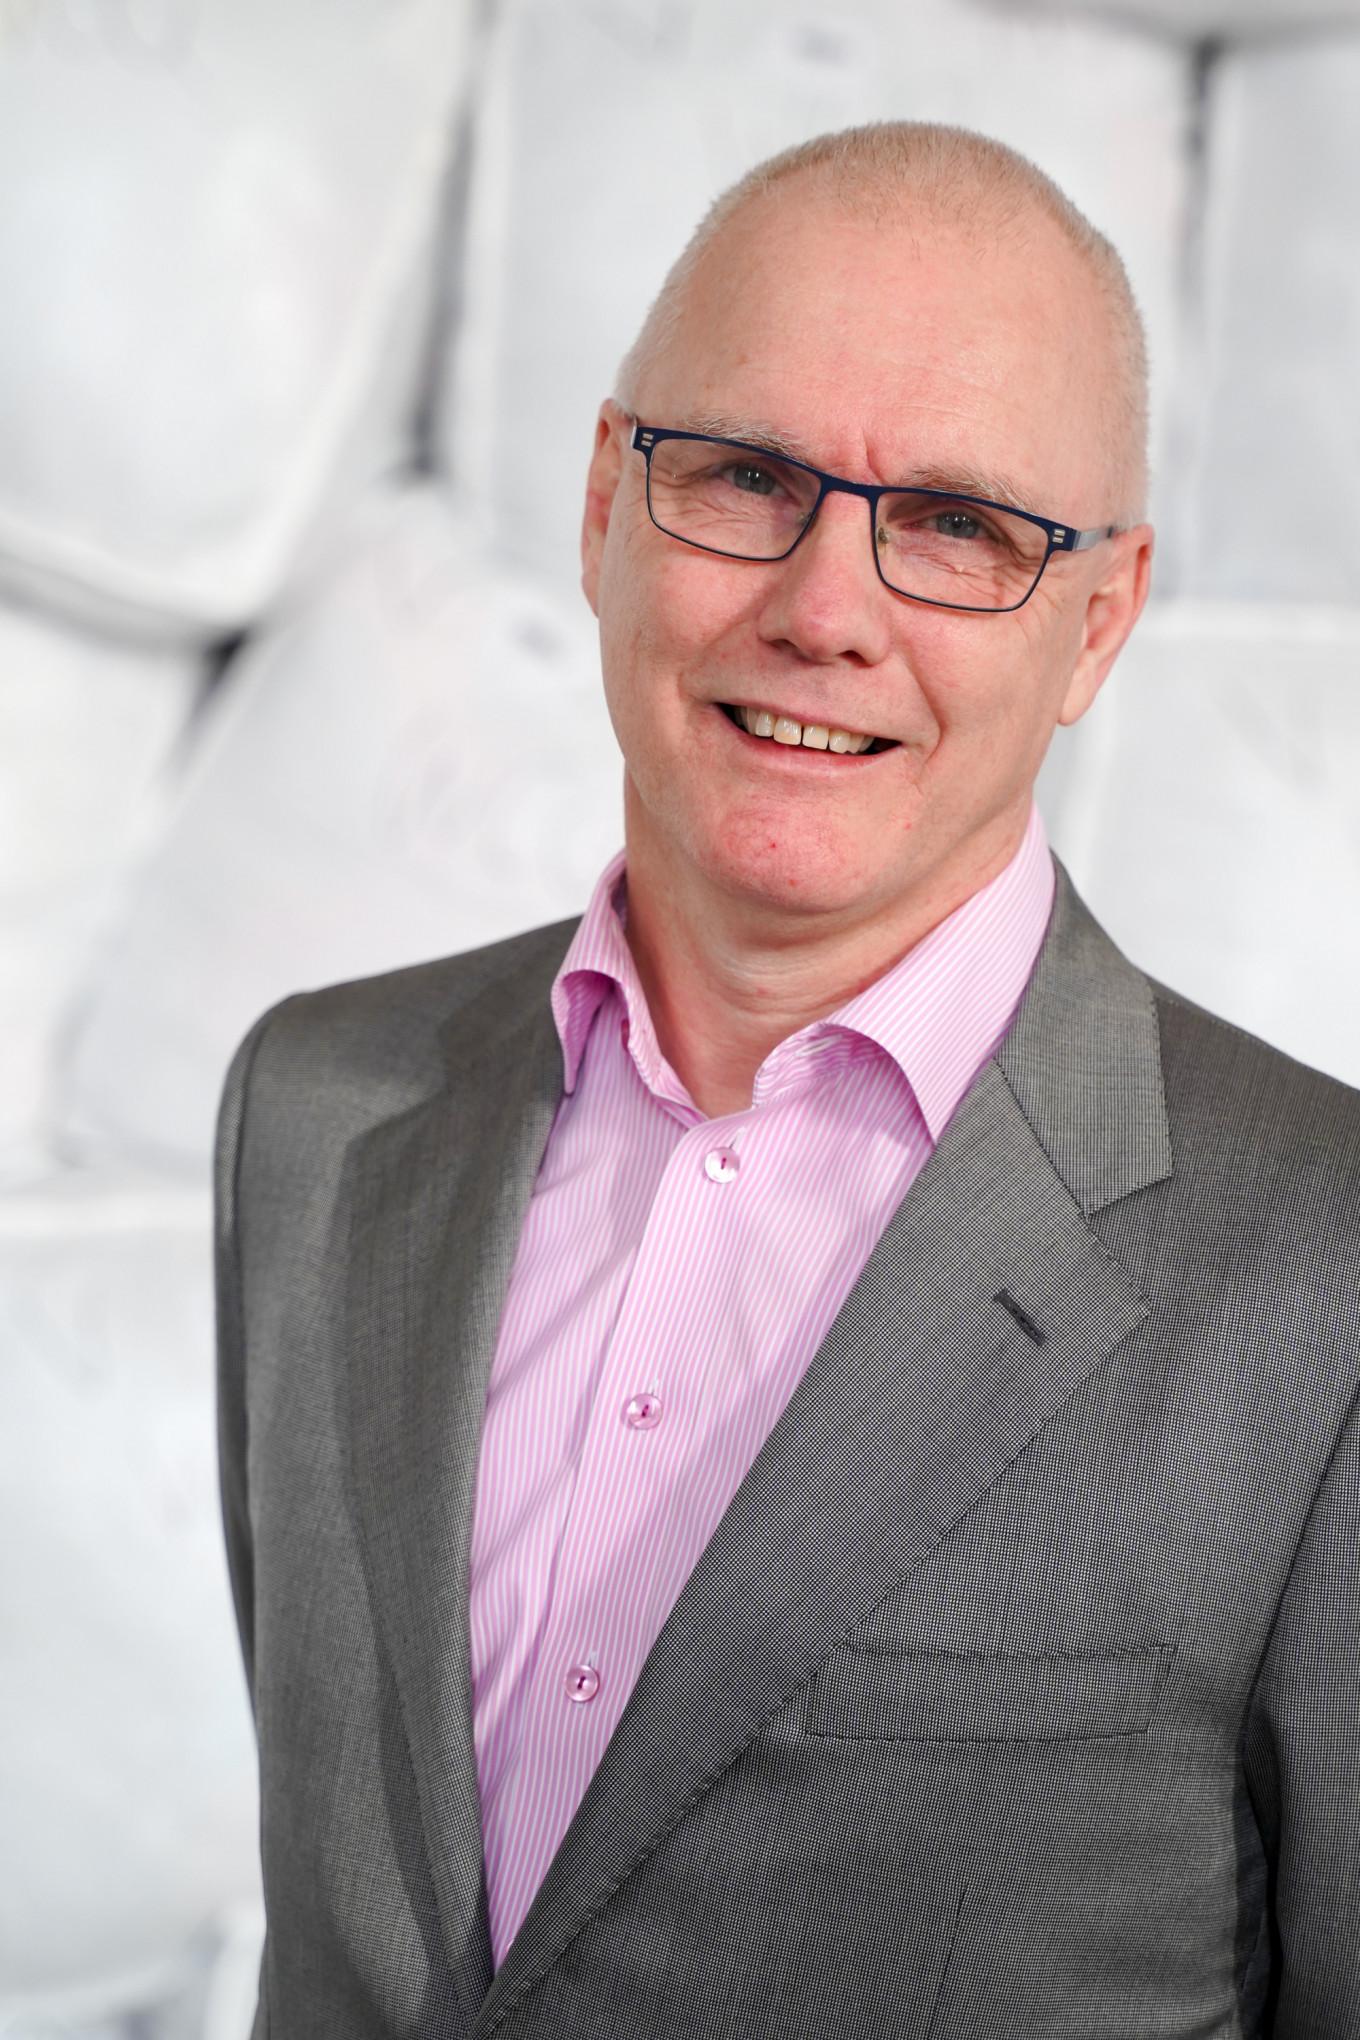 Een man met bril, haal hoofd, roze overhemd en grijs colbert glimlacht in de camera. Hij staat voor een berg met opgestapelde witte zakken die gevuld zijn met kleding en textiel.